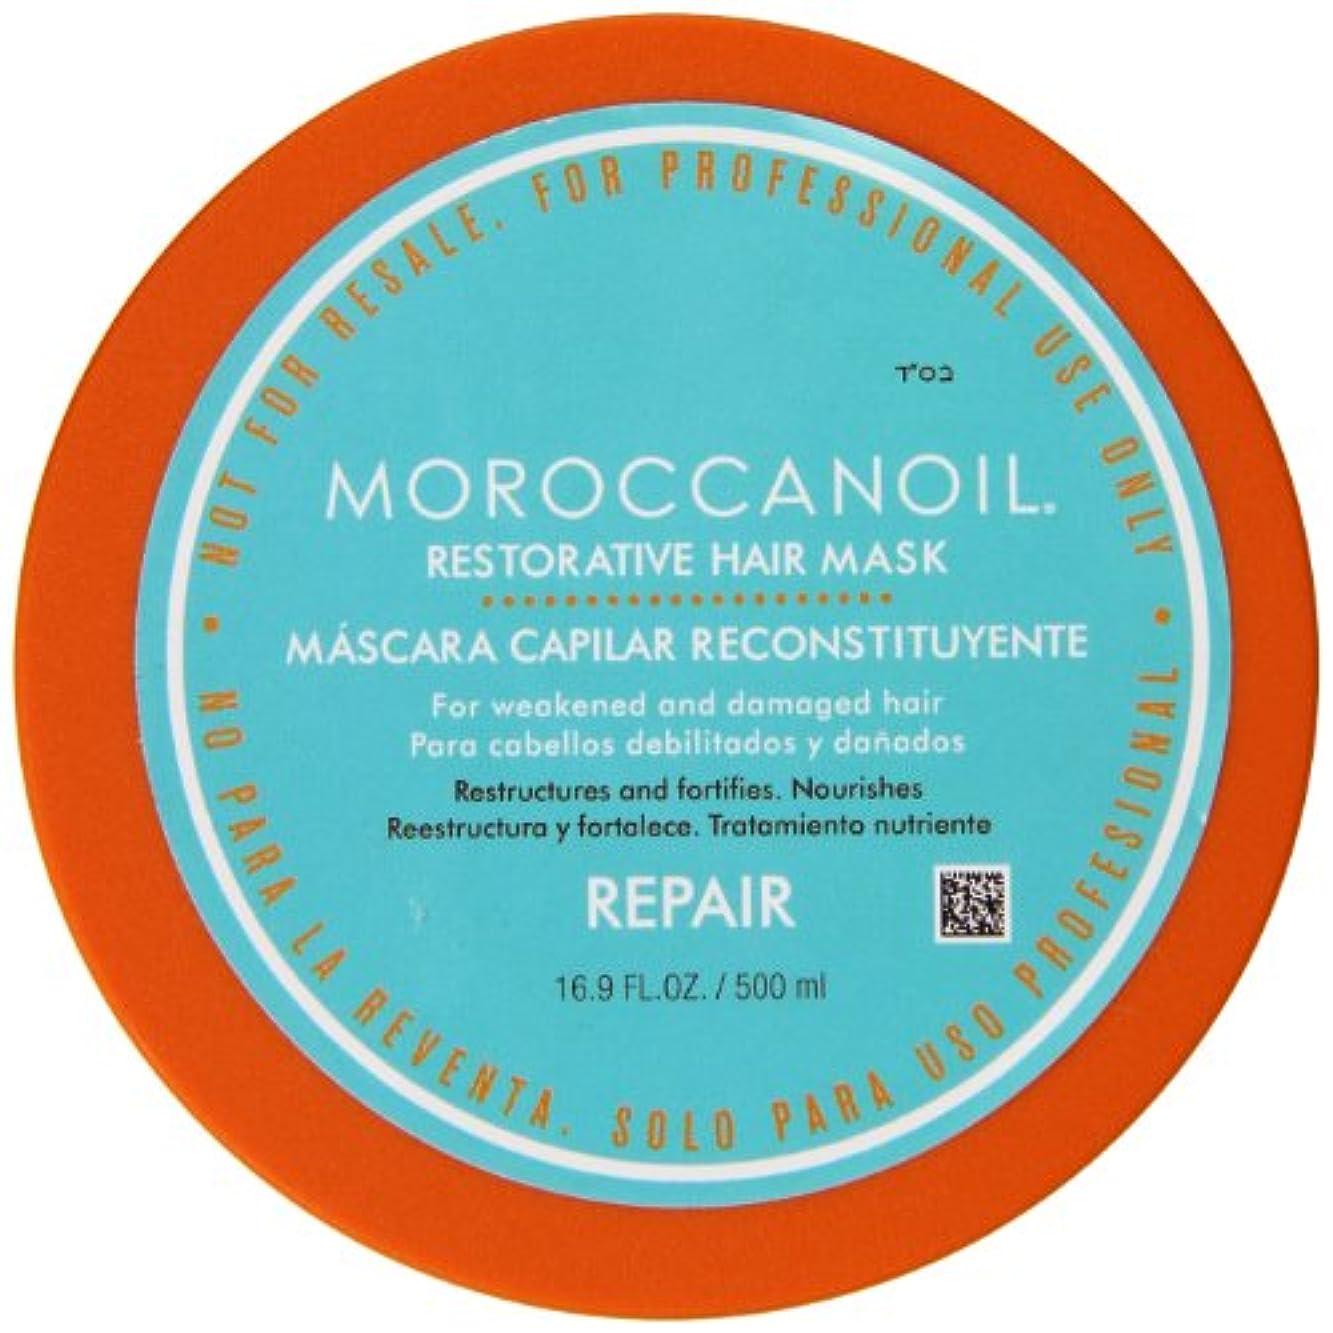 コールベーカリー構成するモロッカンオイル リストラクティブ ヘア マスク (ダメージを受けた髪用) 500ml/16.9oz並行輸入品